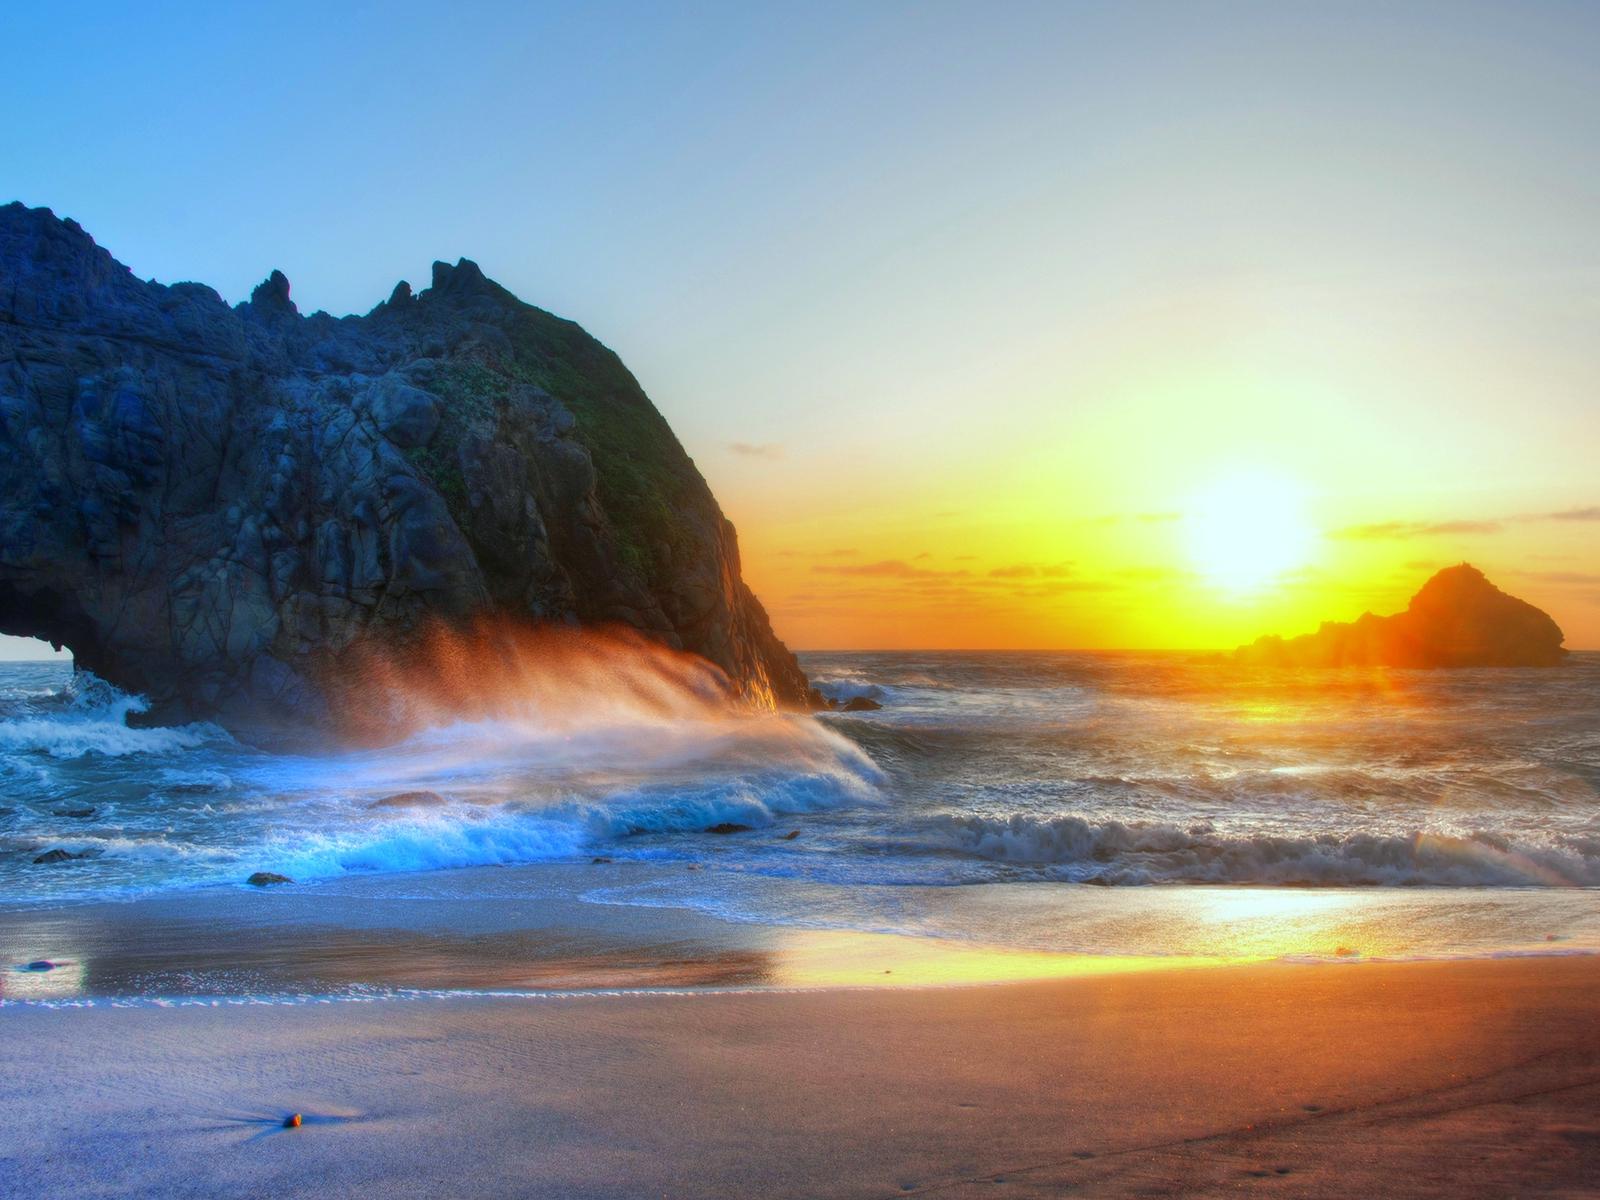 sunset beach 1600x1200 wallpaperssunset - photo #5